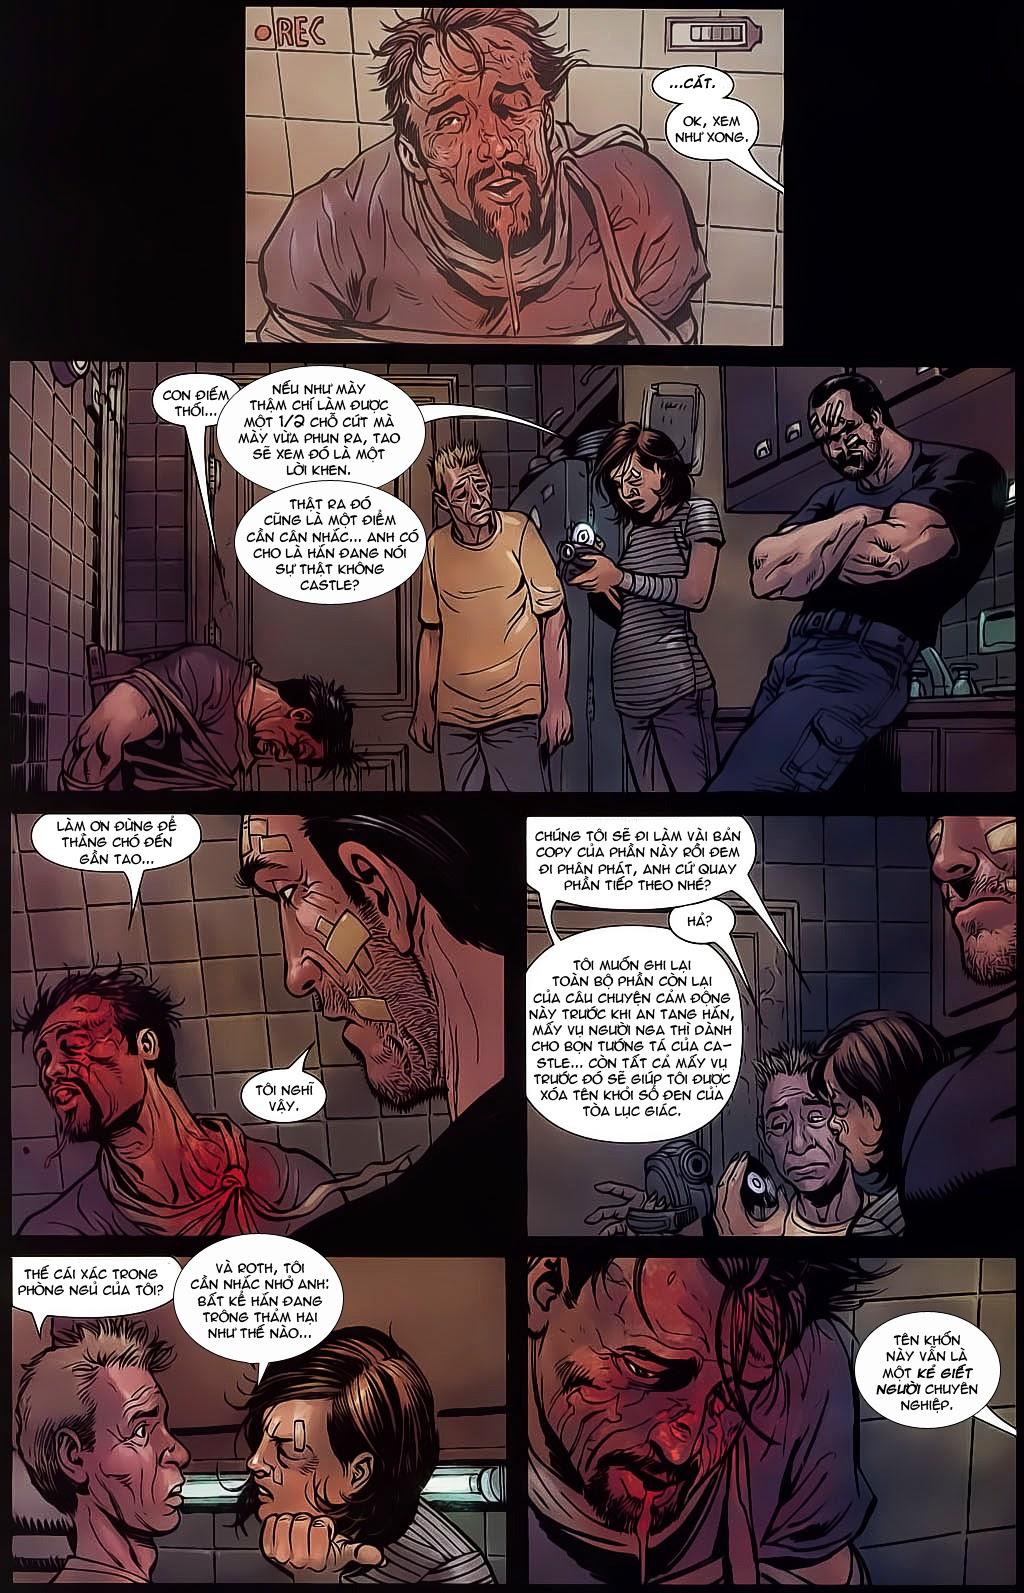 The Punisher: Trên là Dưới & Trắng là Đen chap 6 - Trang 13